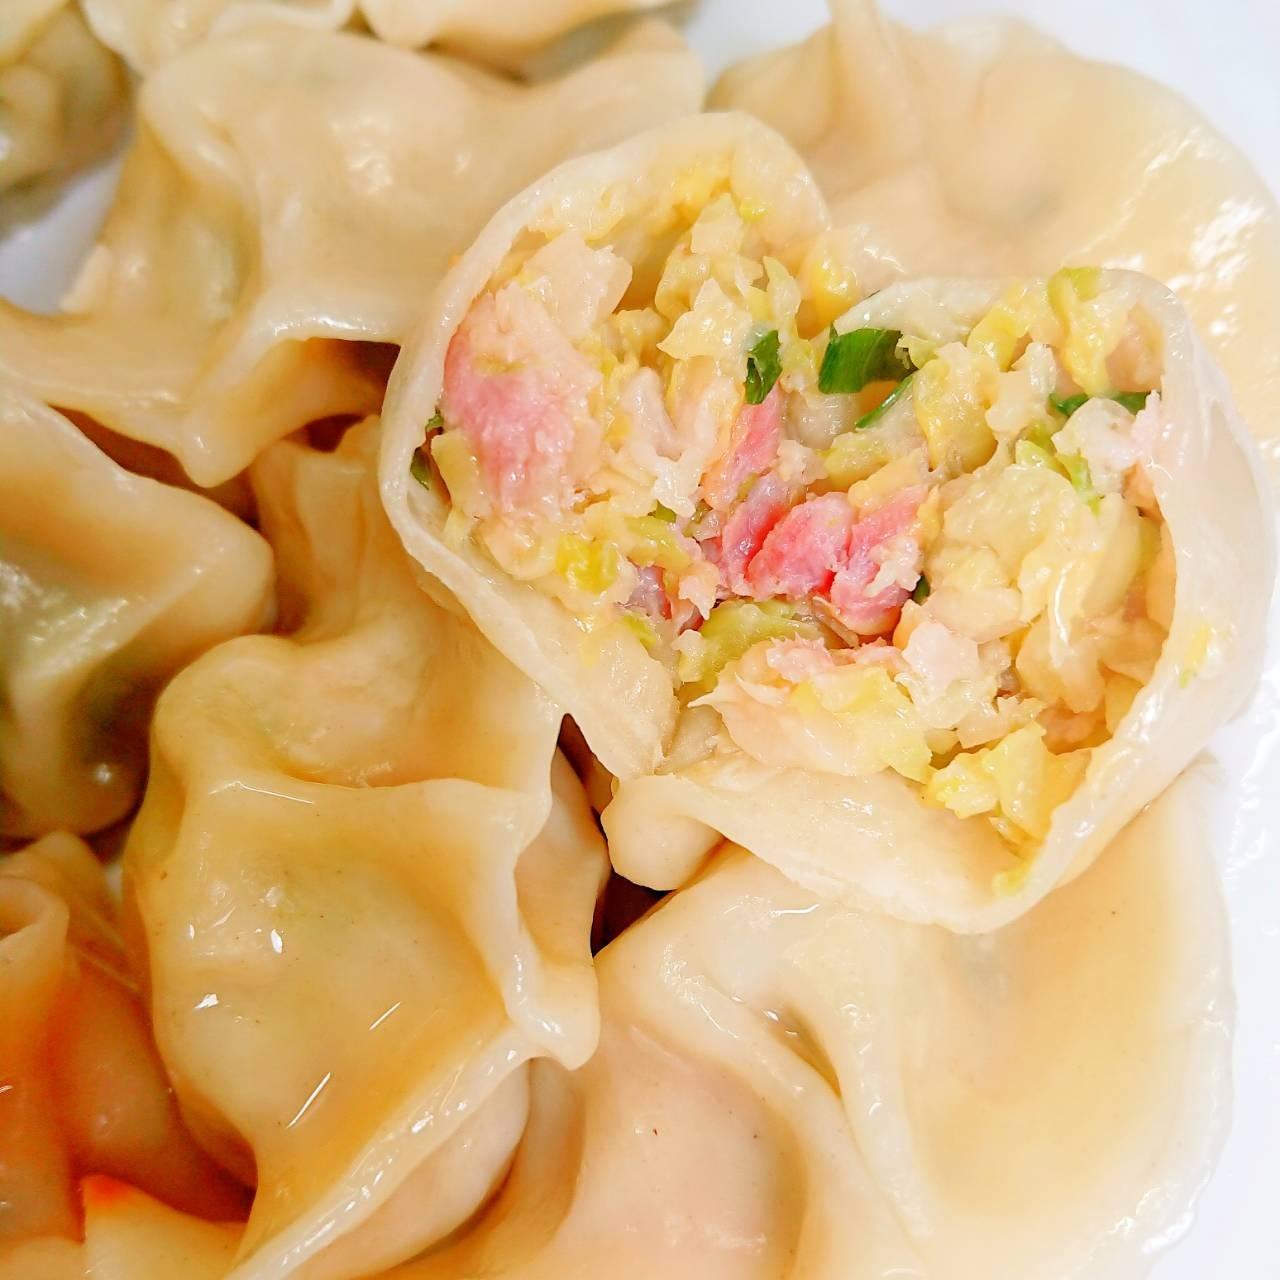 【冷凍料理包】高麗菜豬肉水餃